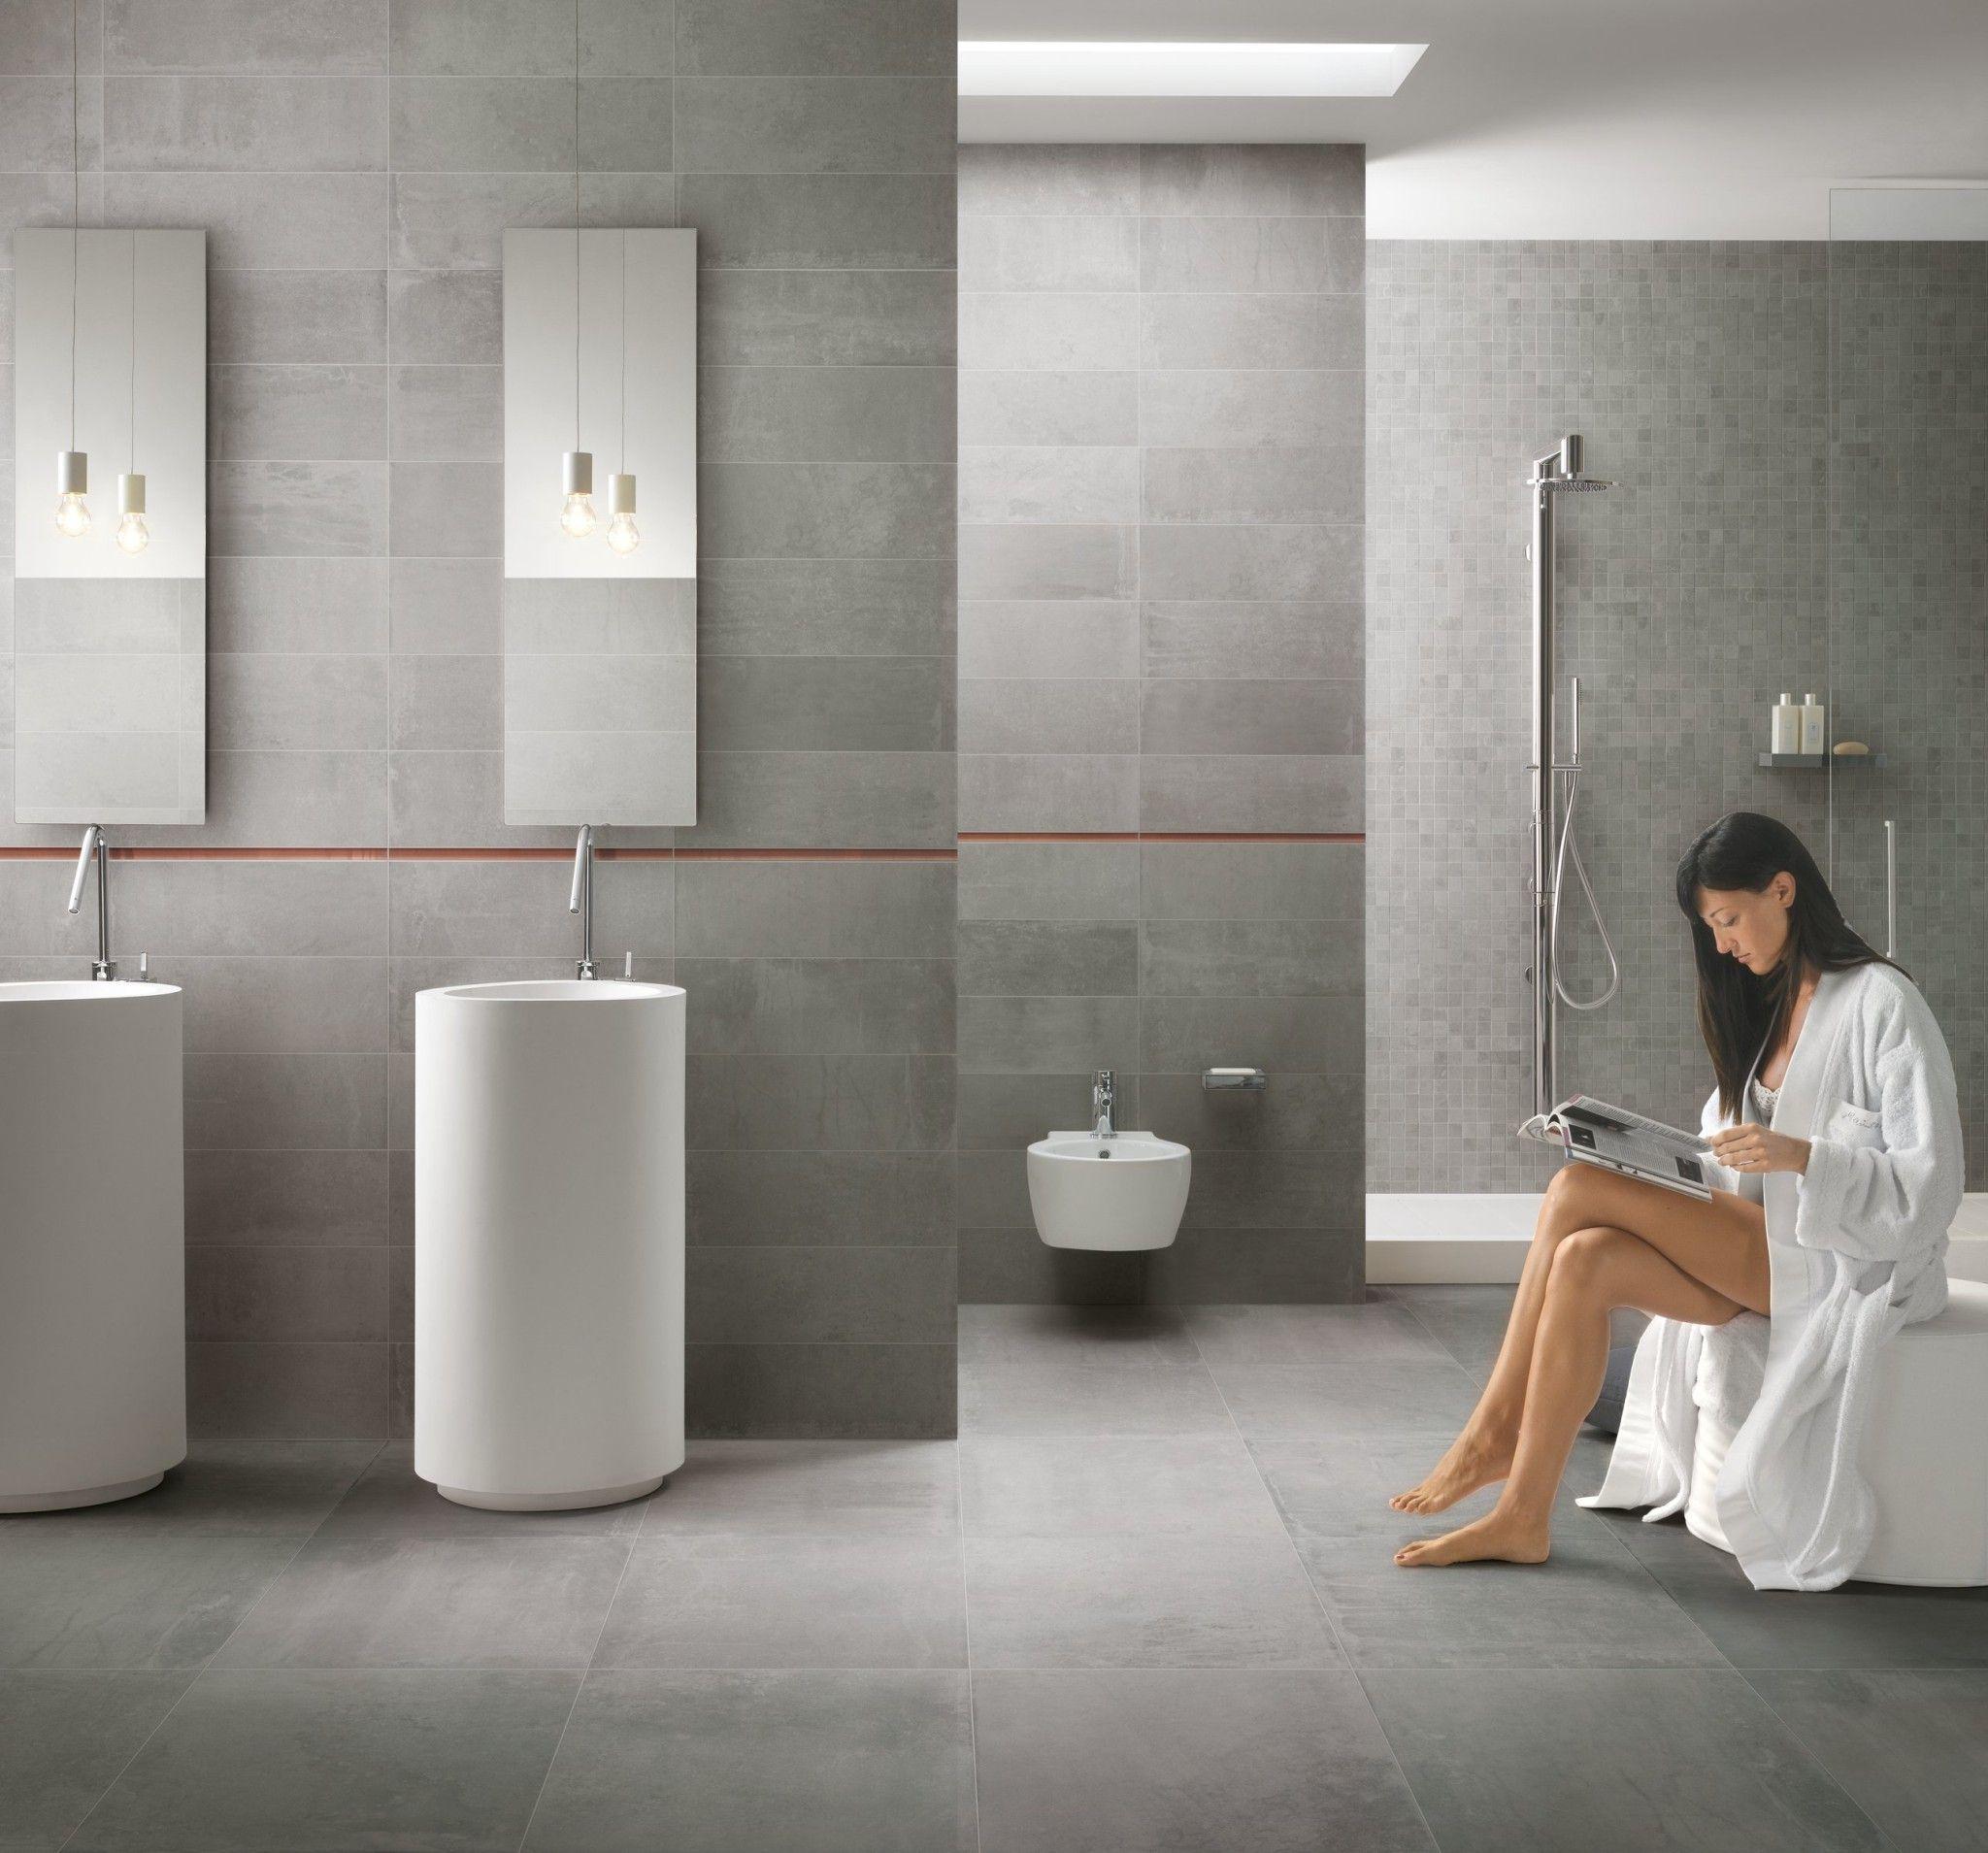 zoekt u een kwalitatieve en prachtige muurafwerking voor toilet